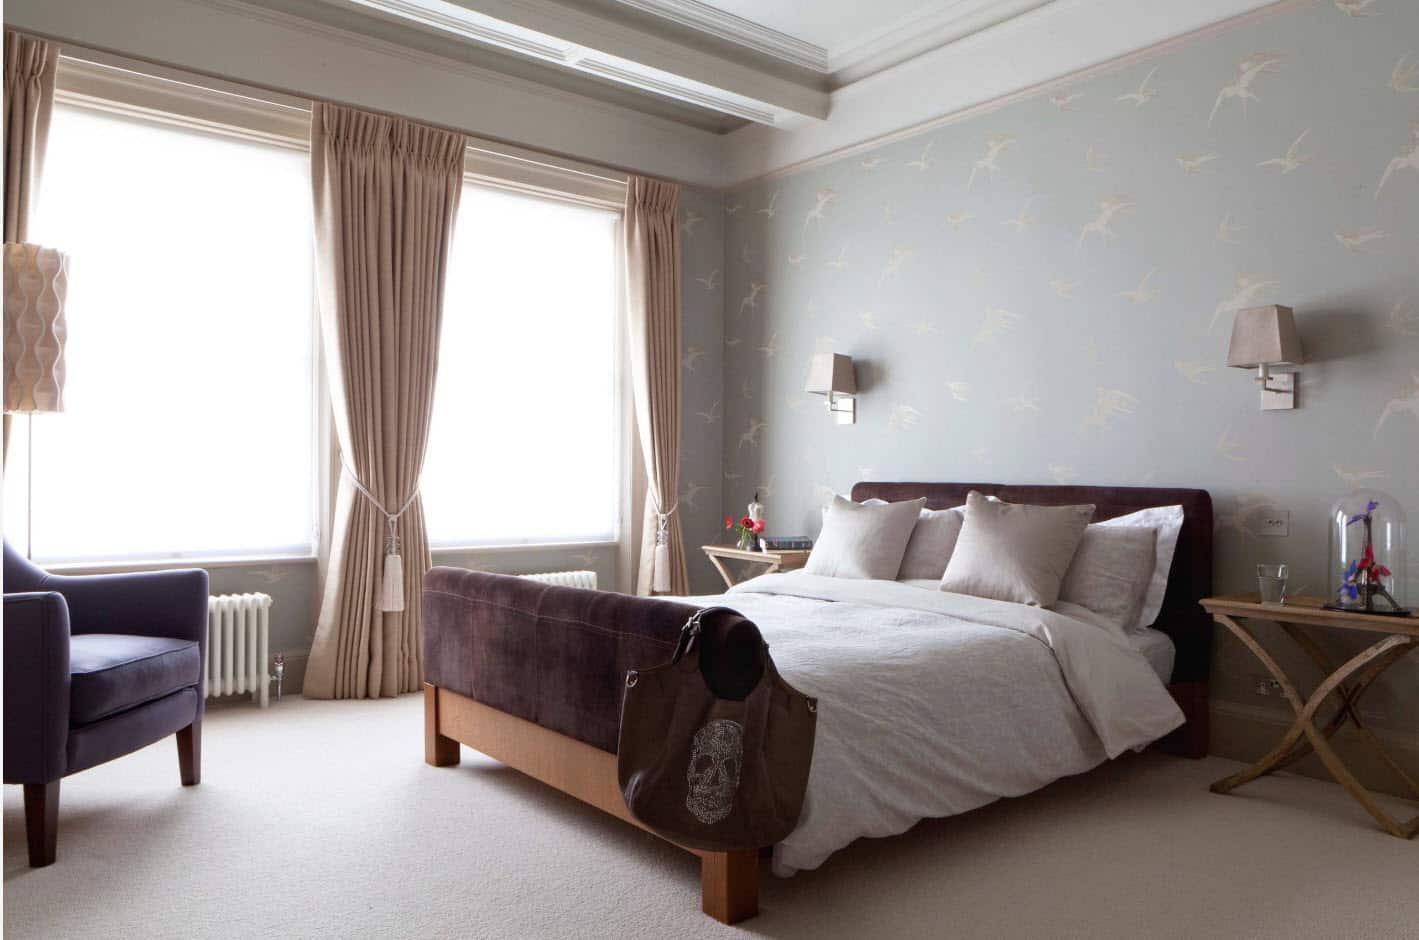 Как подобрать цвет обоев в спальню | Обои пастельных тонов